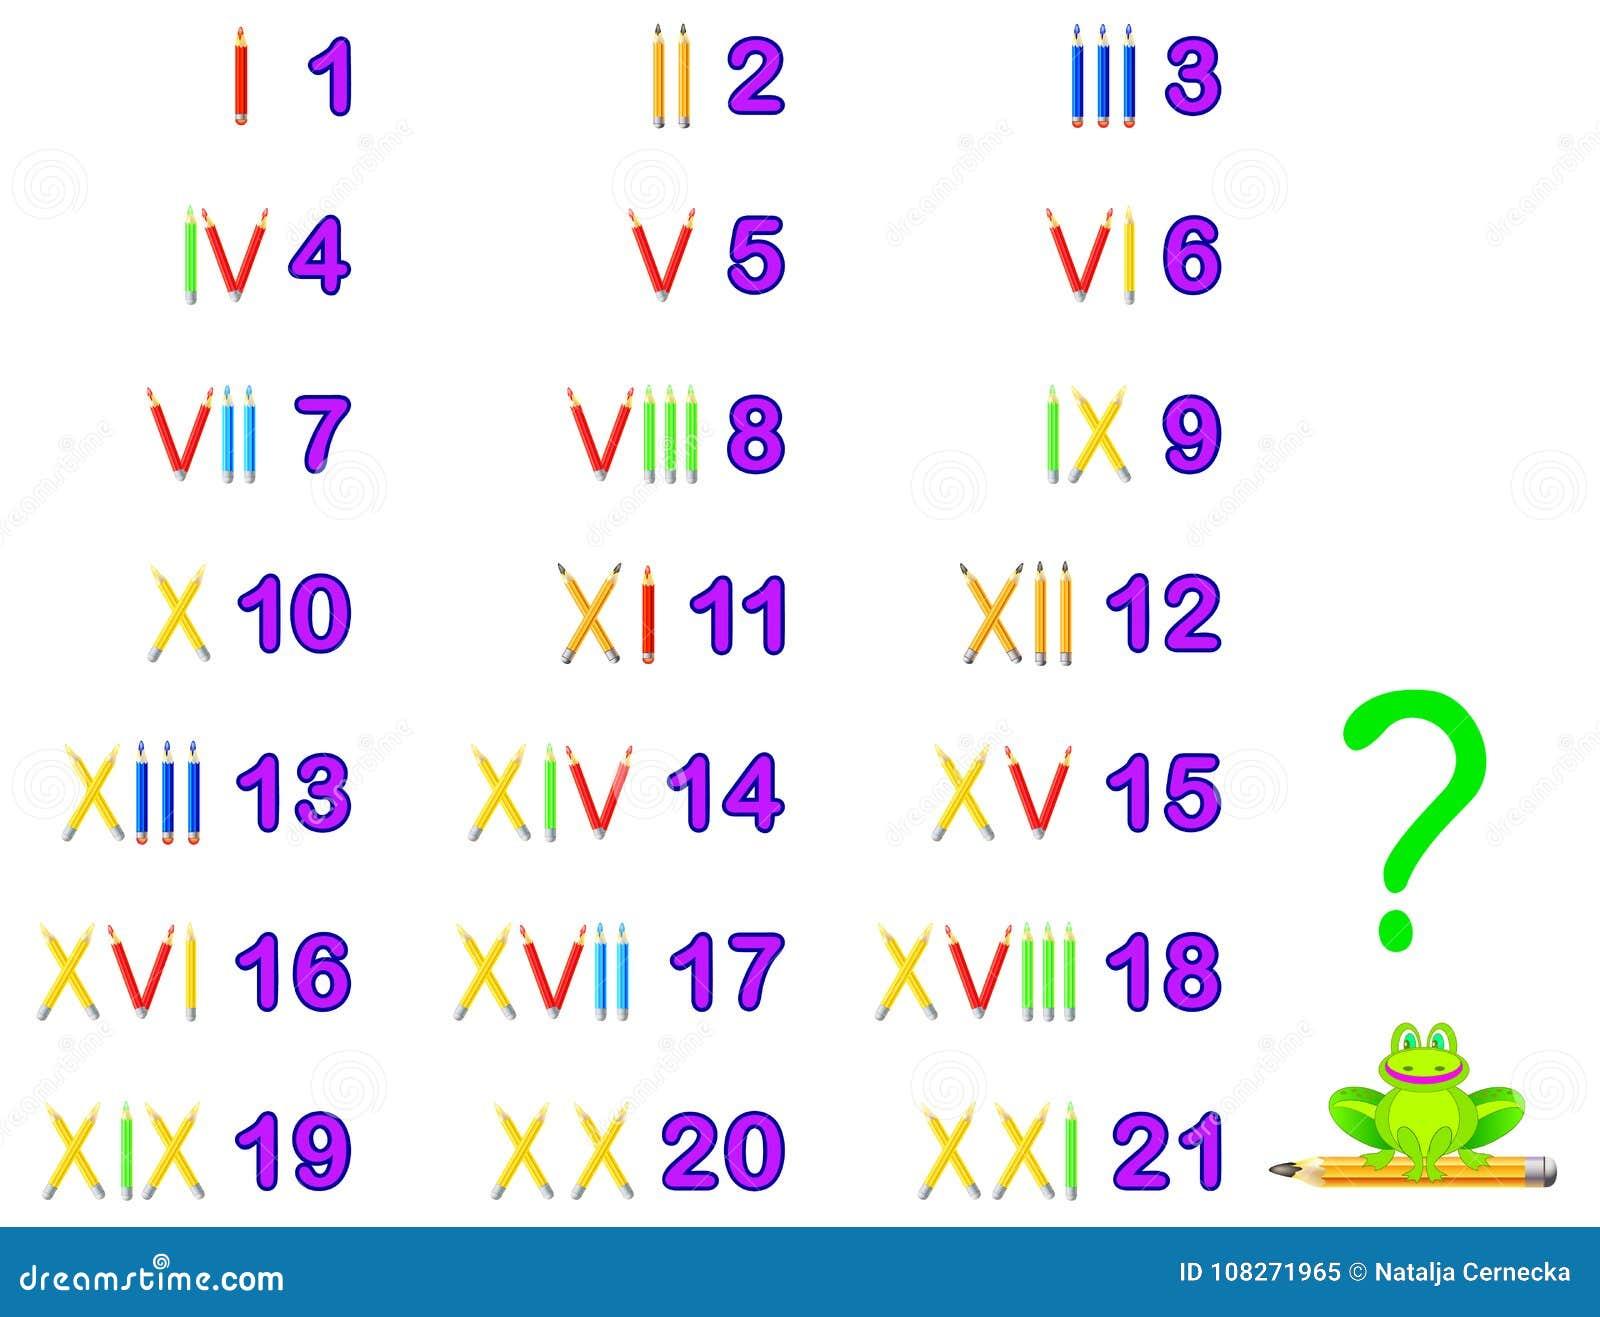 Pädagogische Seite, Damit Kinder Römische Zahlen Studieren Sich ...